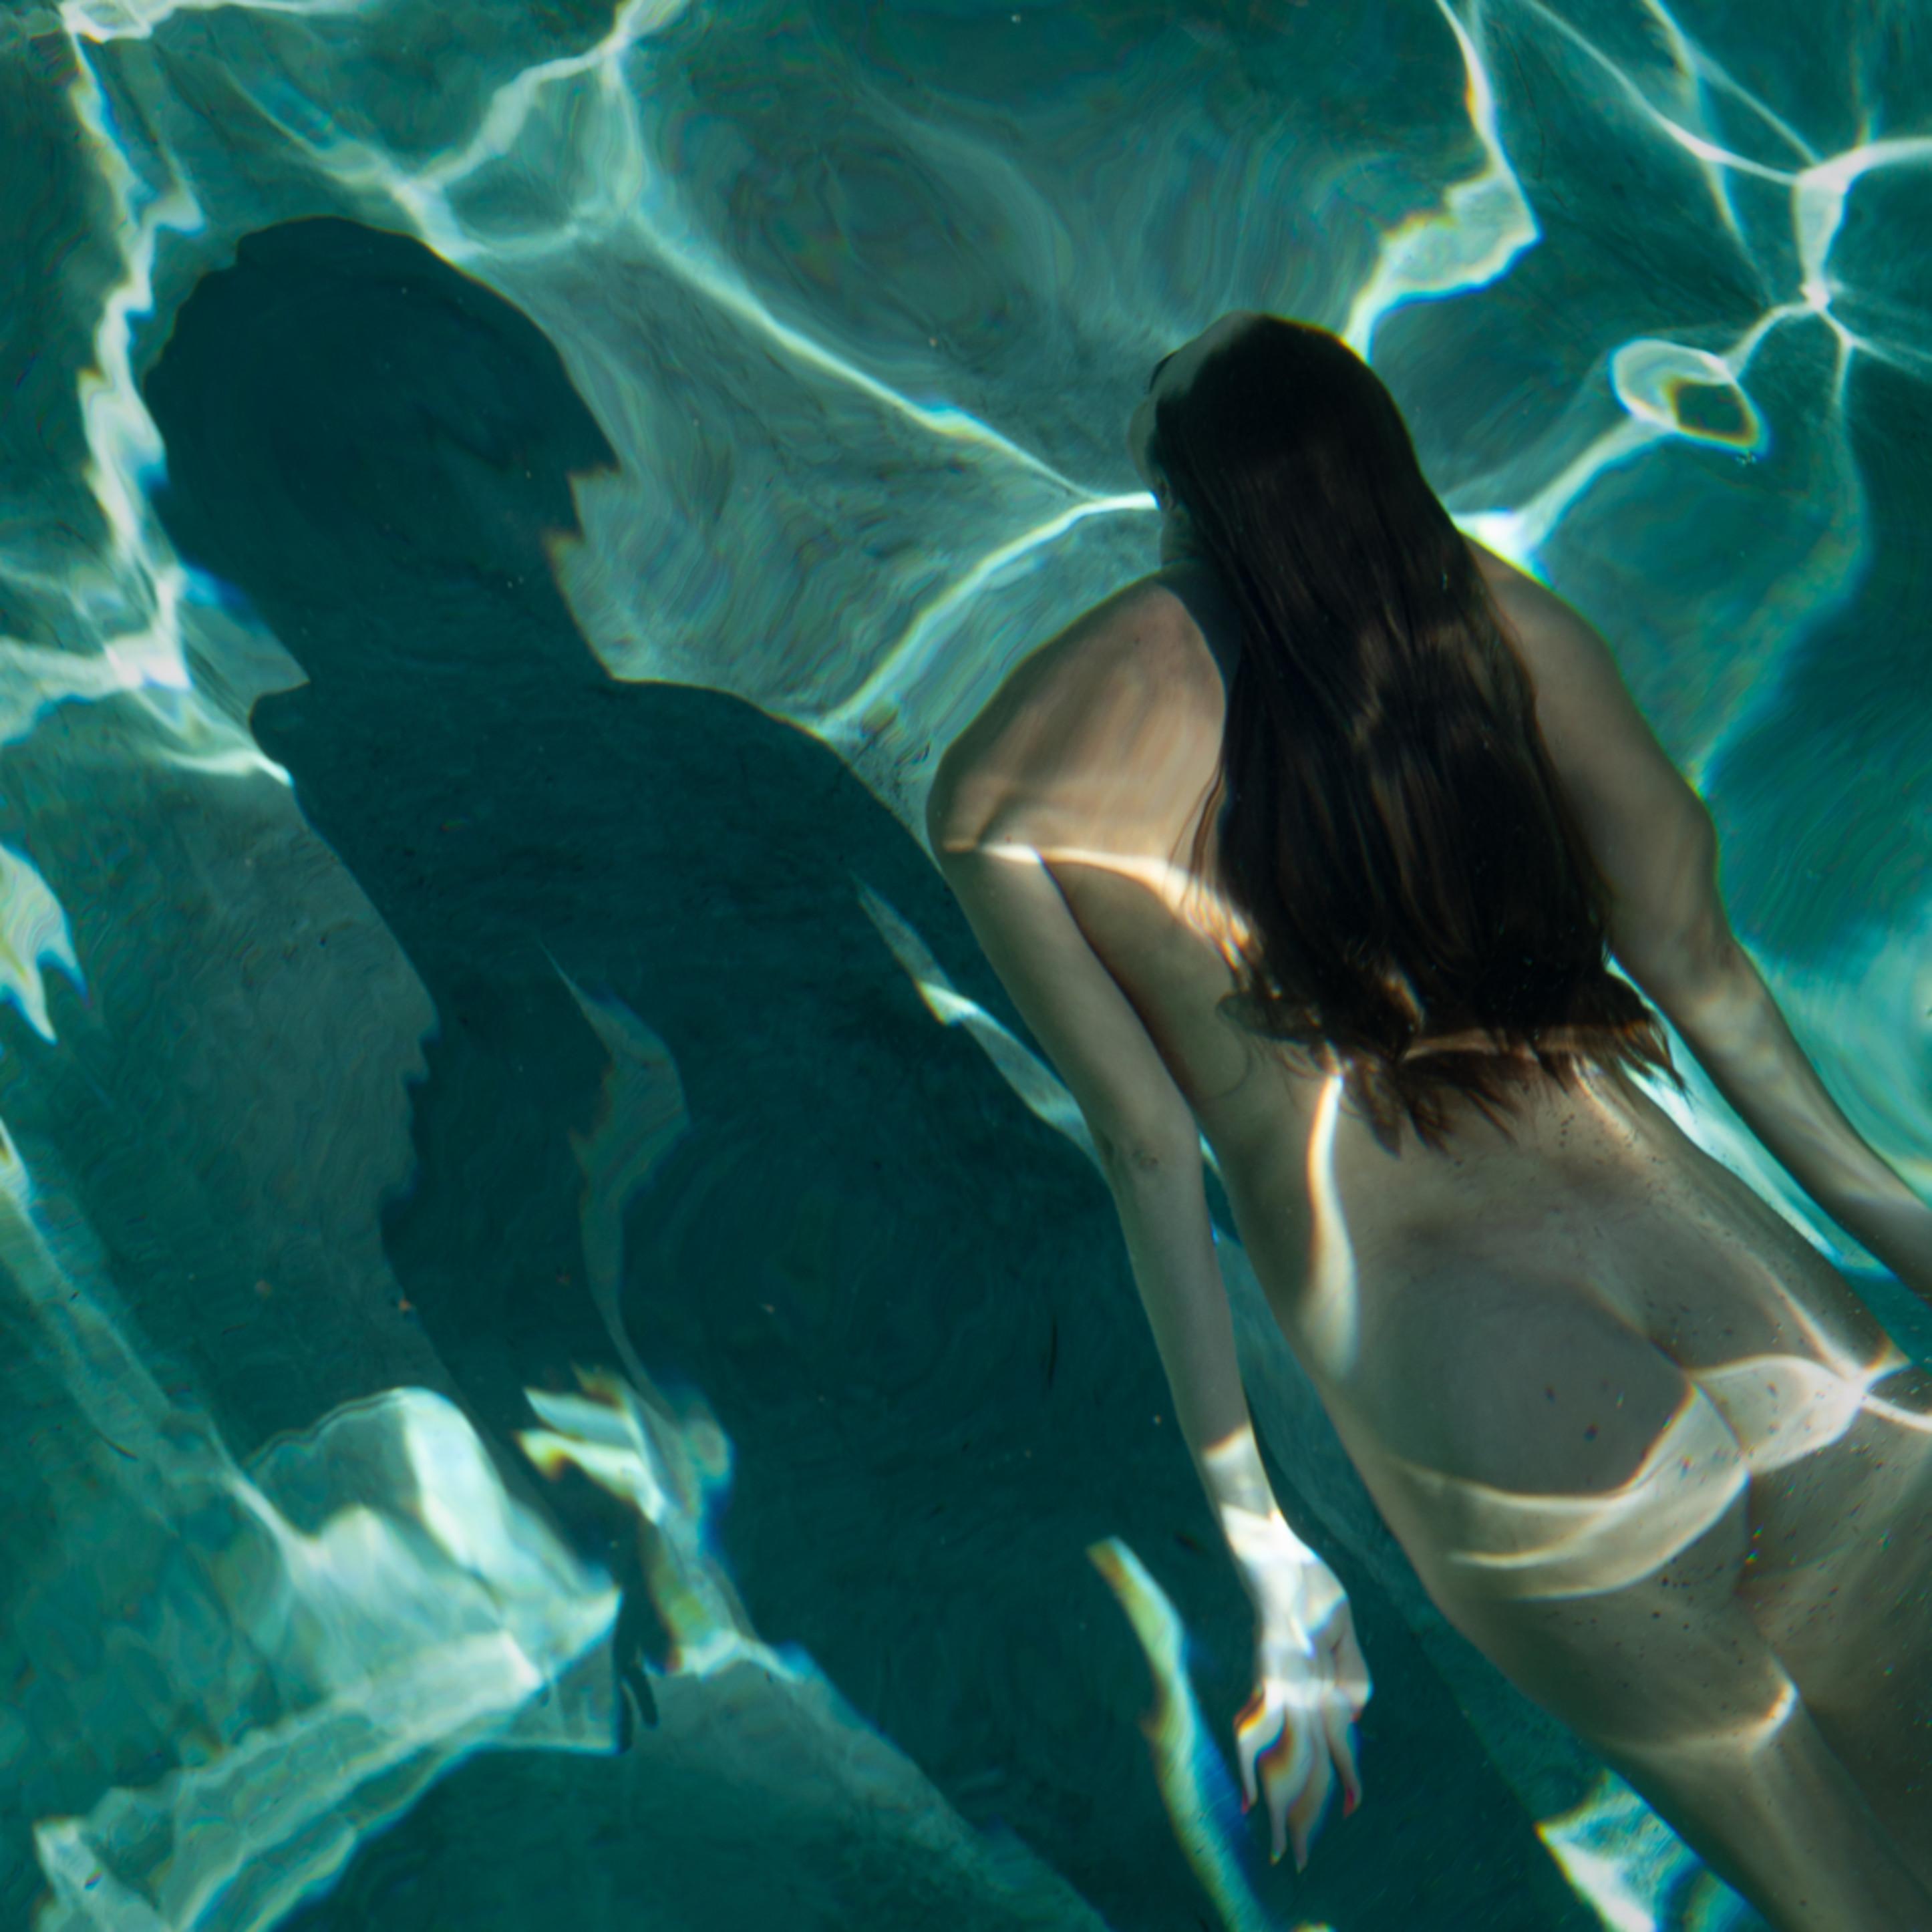 Lindsay pool 11 v22cvi